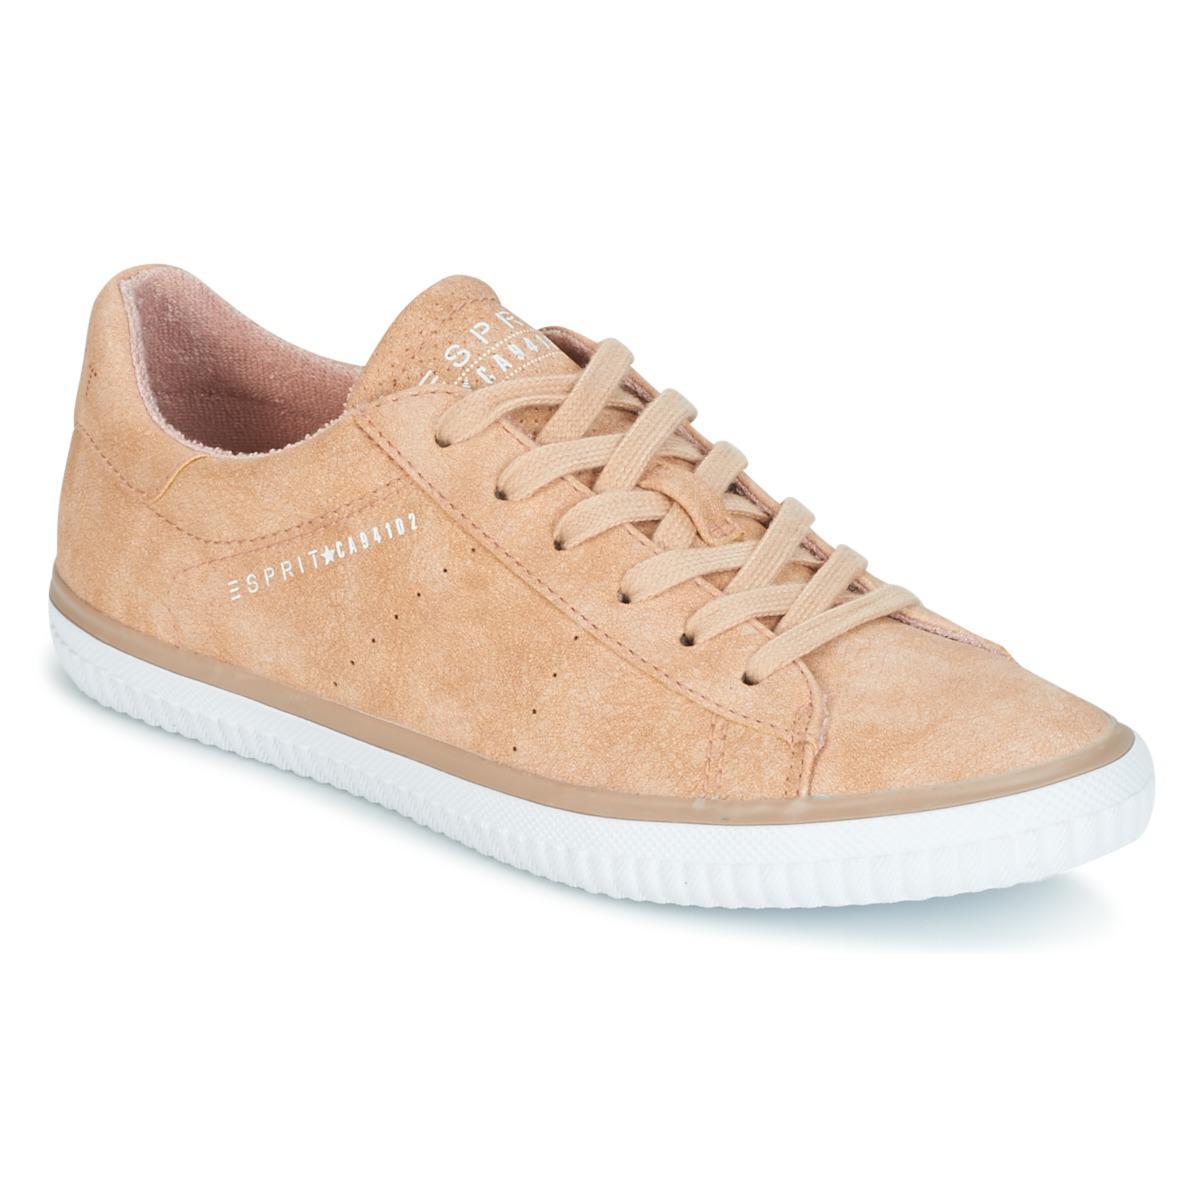 Esprit. Riata Lace Up Women's Shoes (trainers) ...